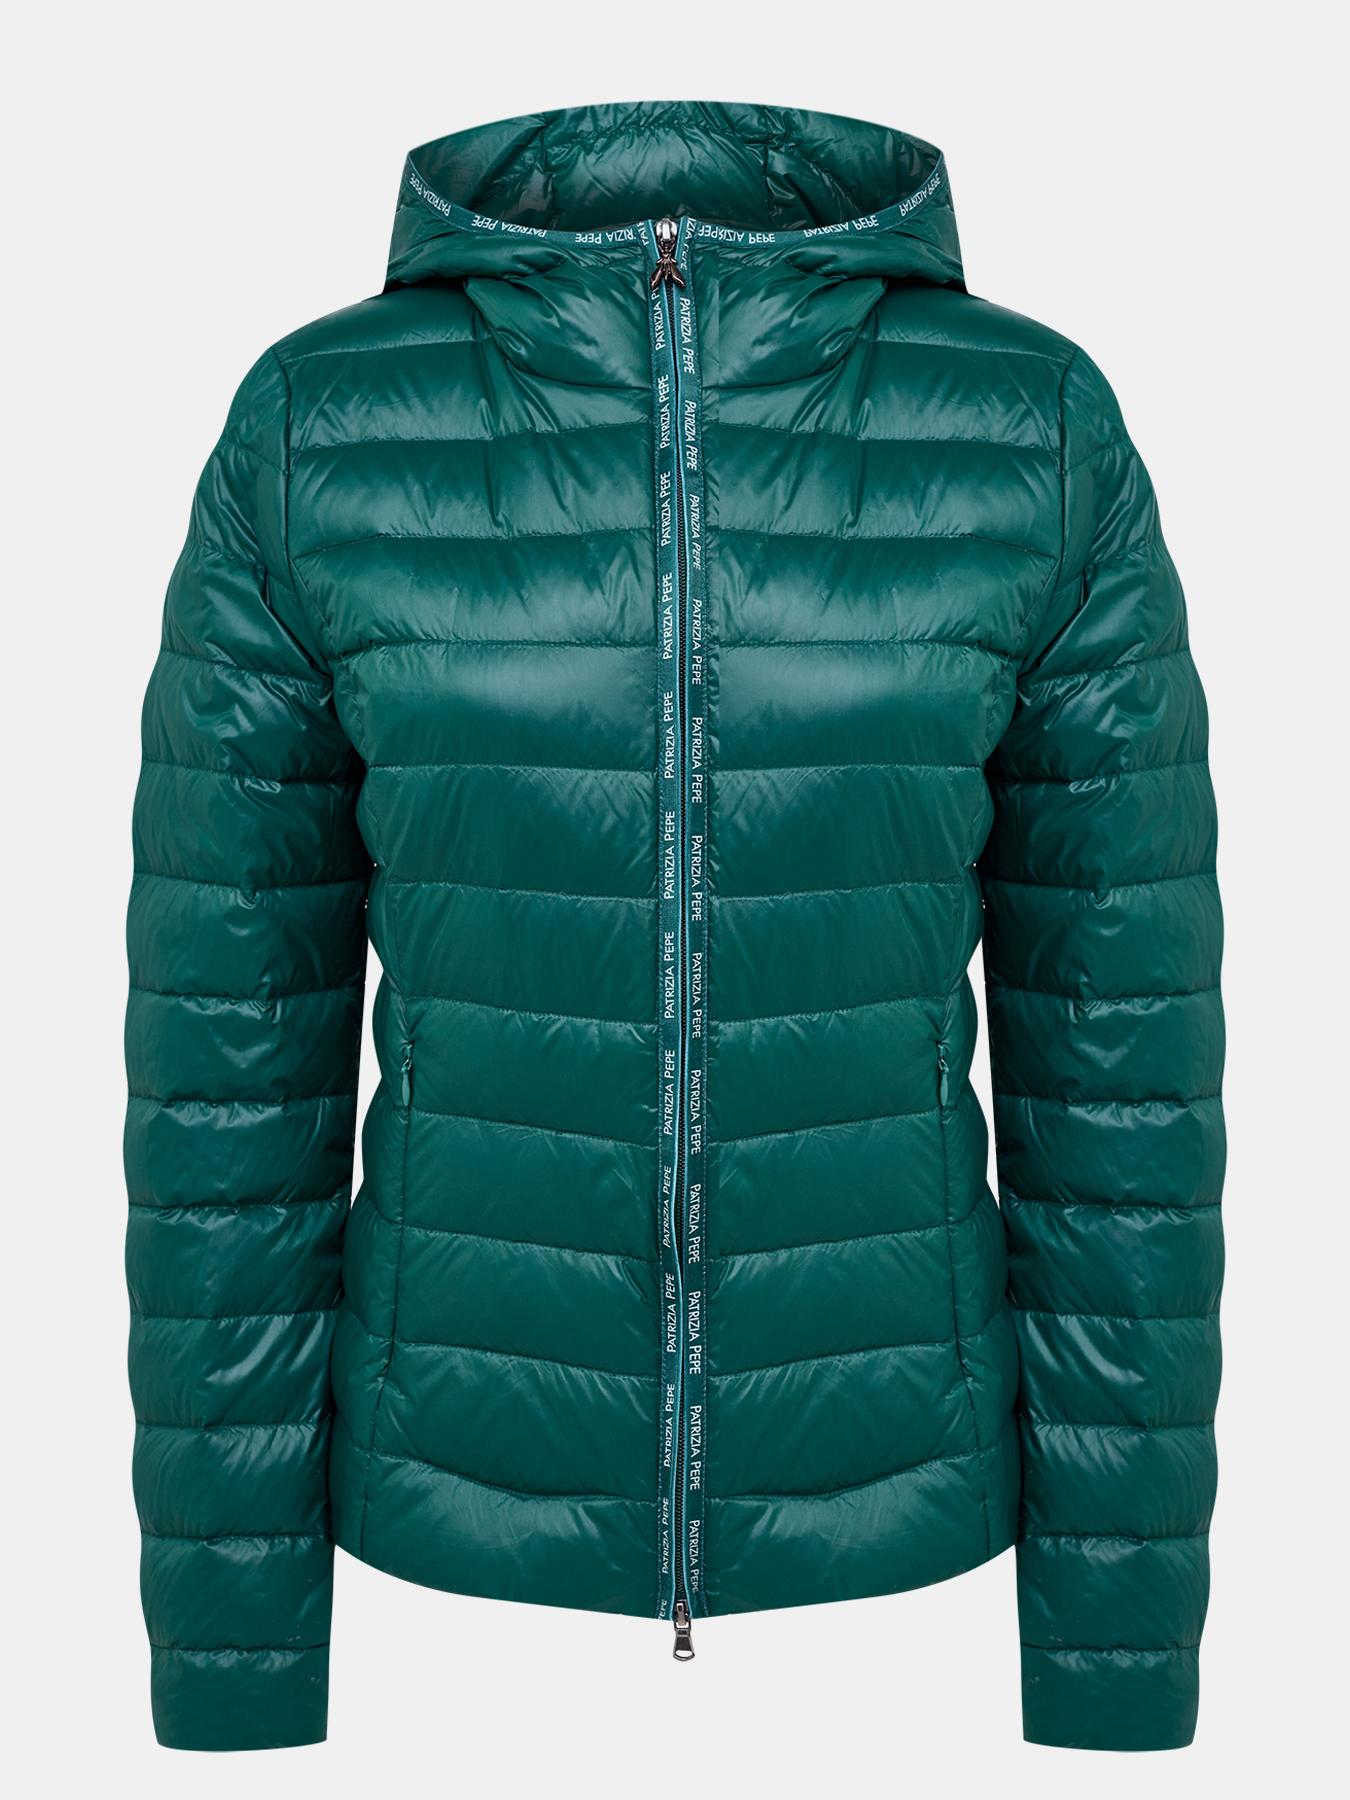 Куртки Patrizia Pepe Куртка фото